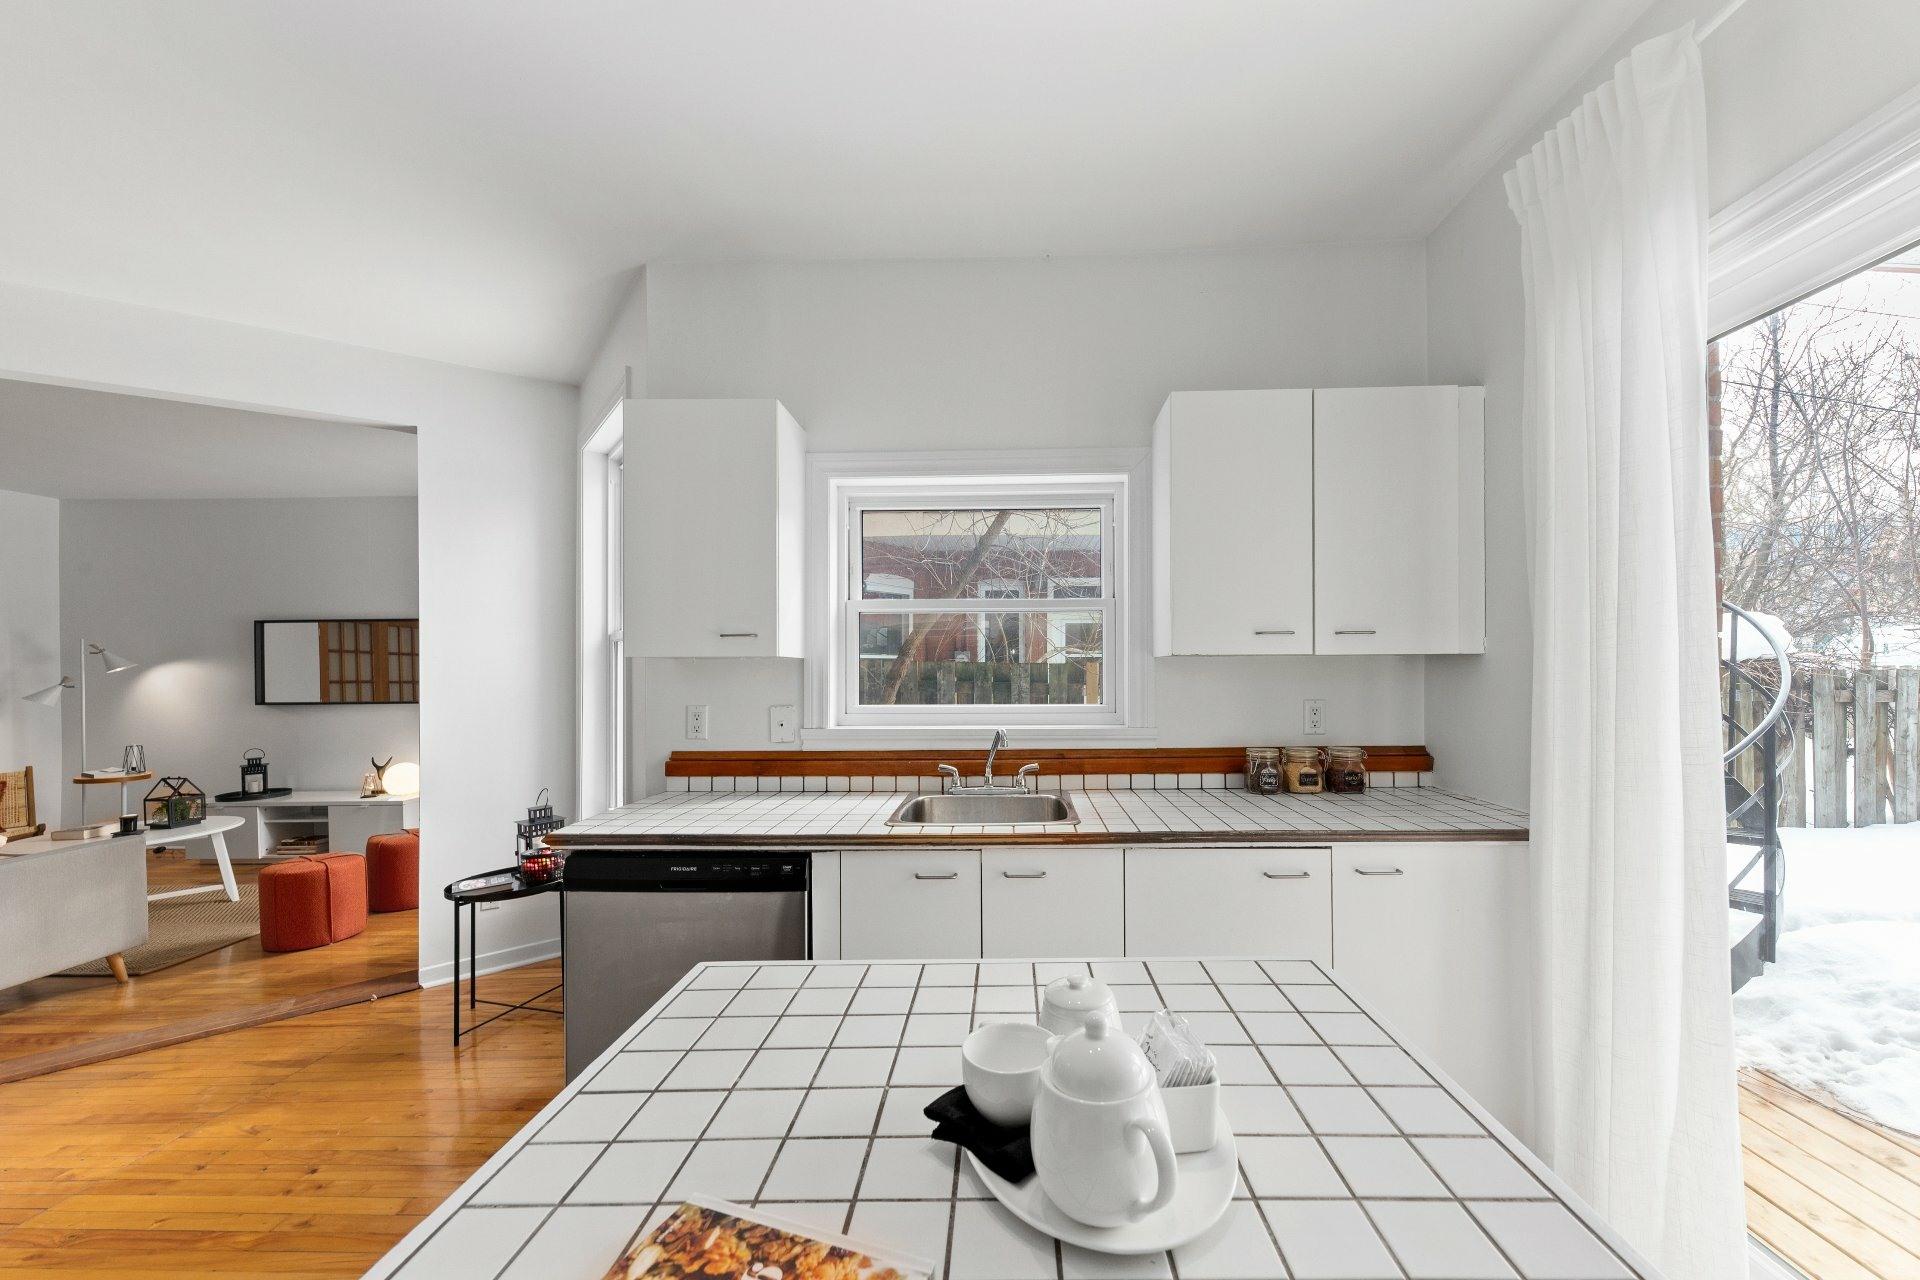 image 21 - Maison À vendre Le Plateau-Mont-Royal Montréal  - 10 pièces